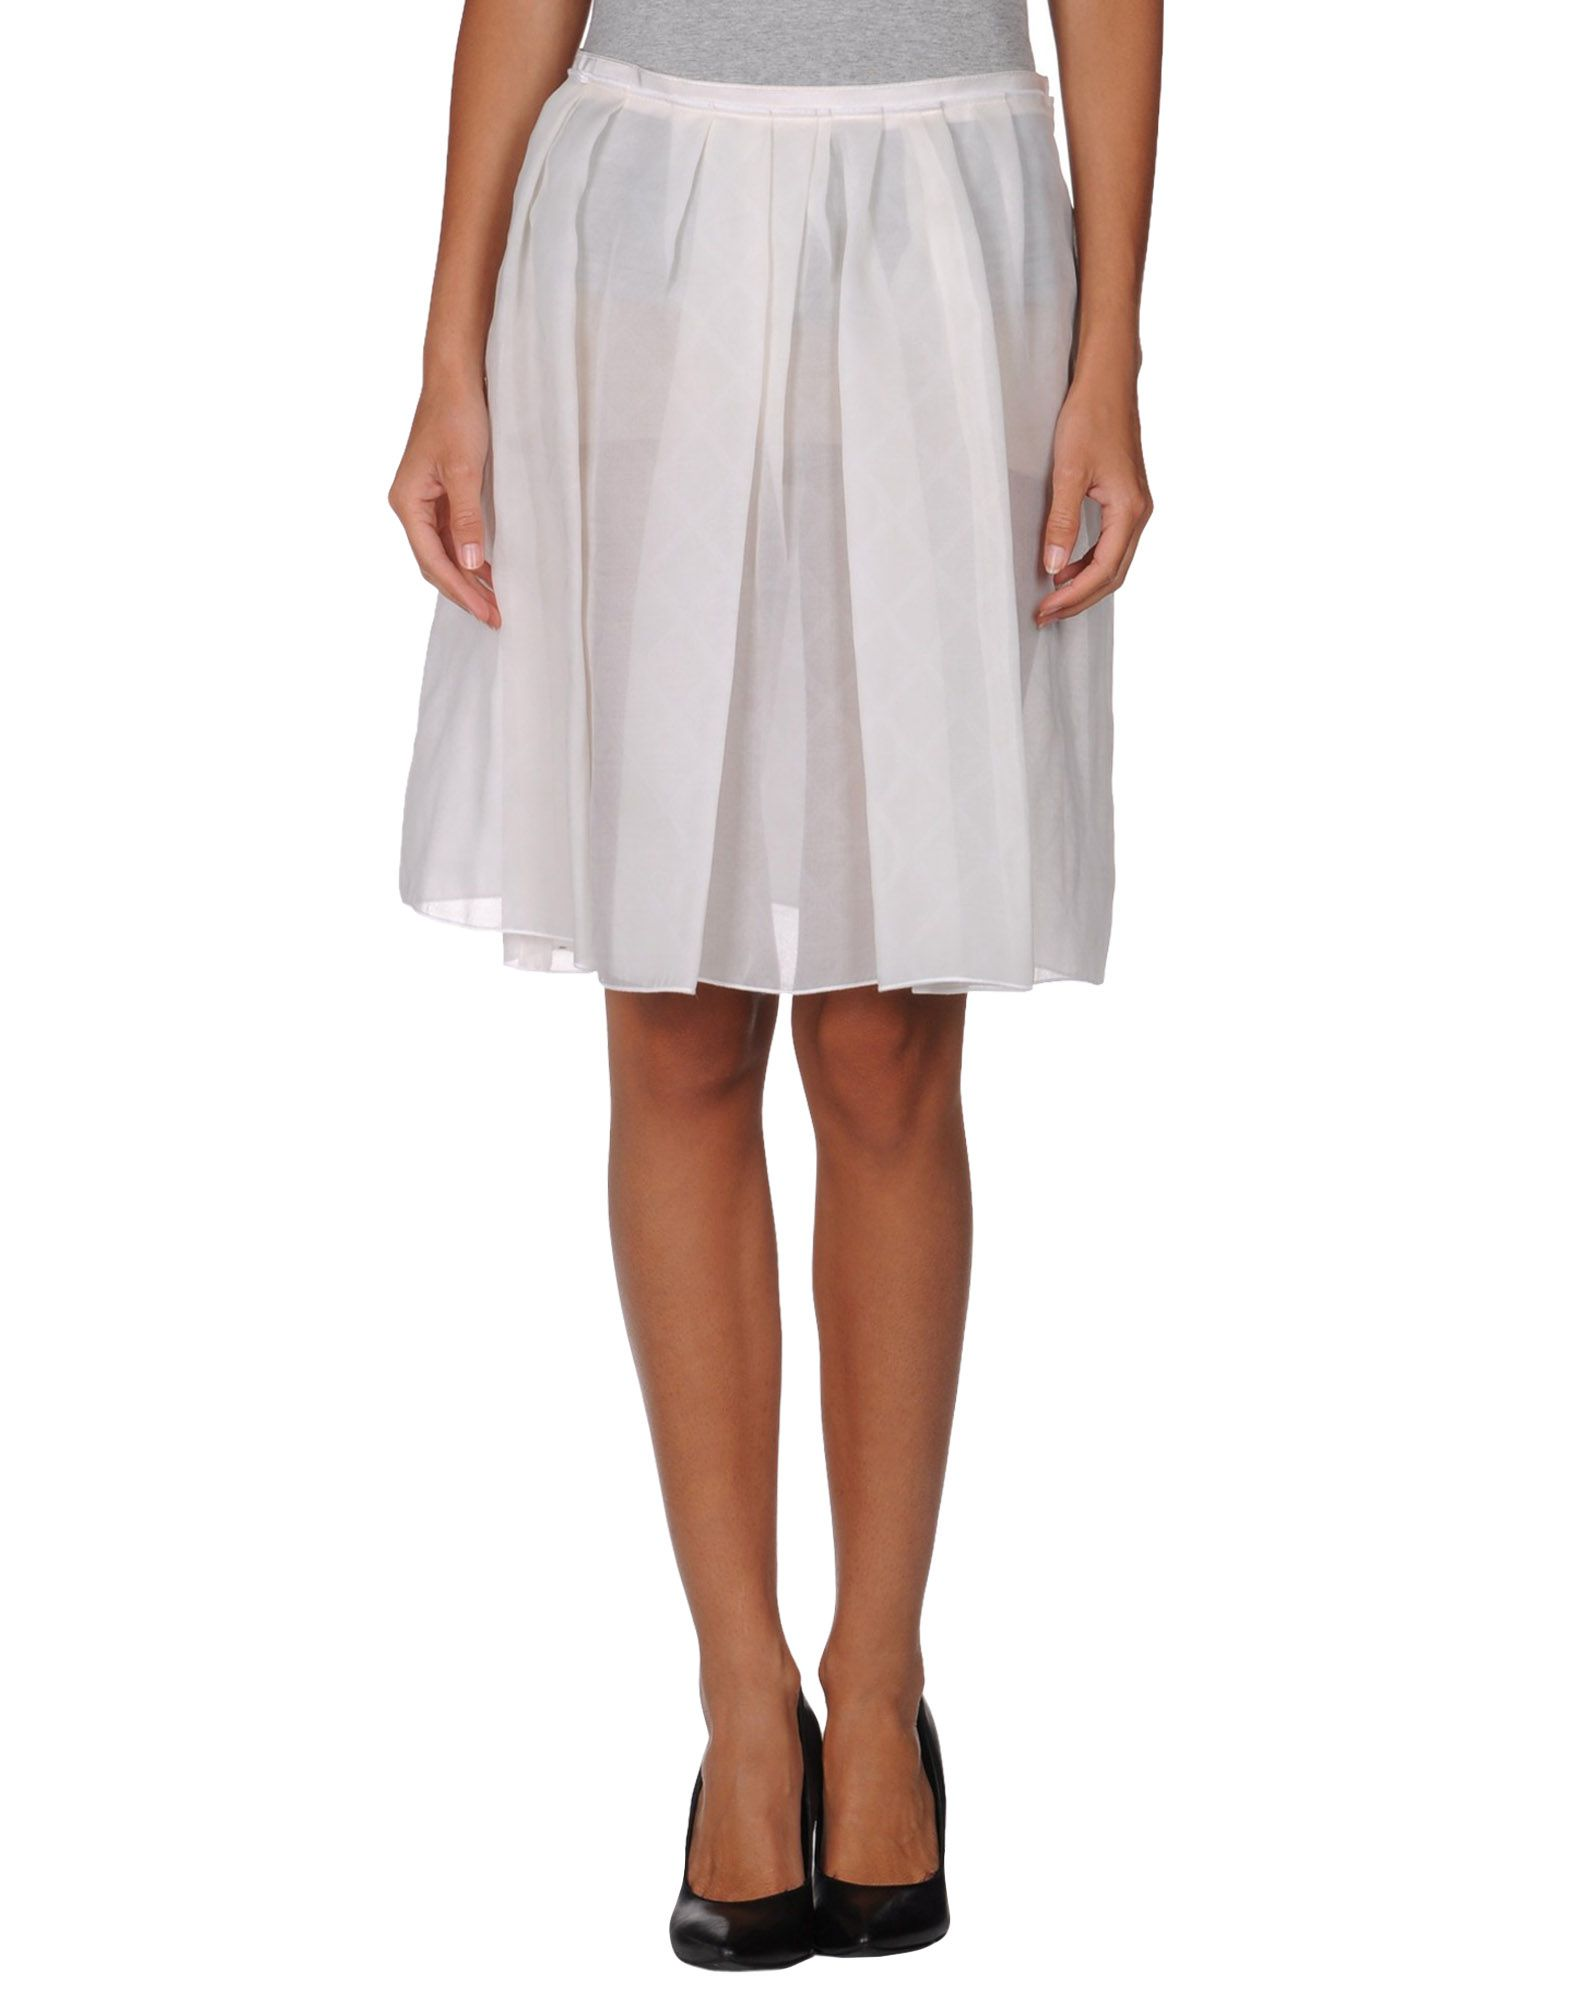 jil sander navy knee length skirt in white lyst